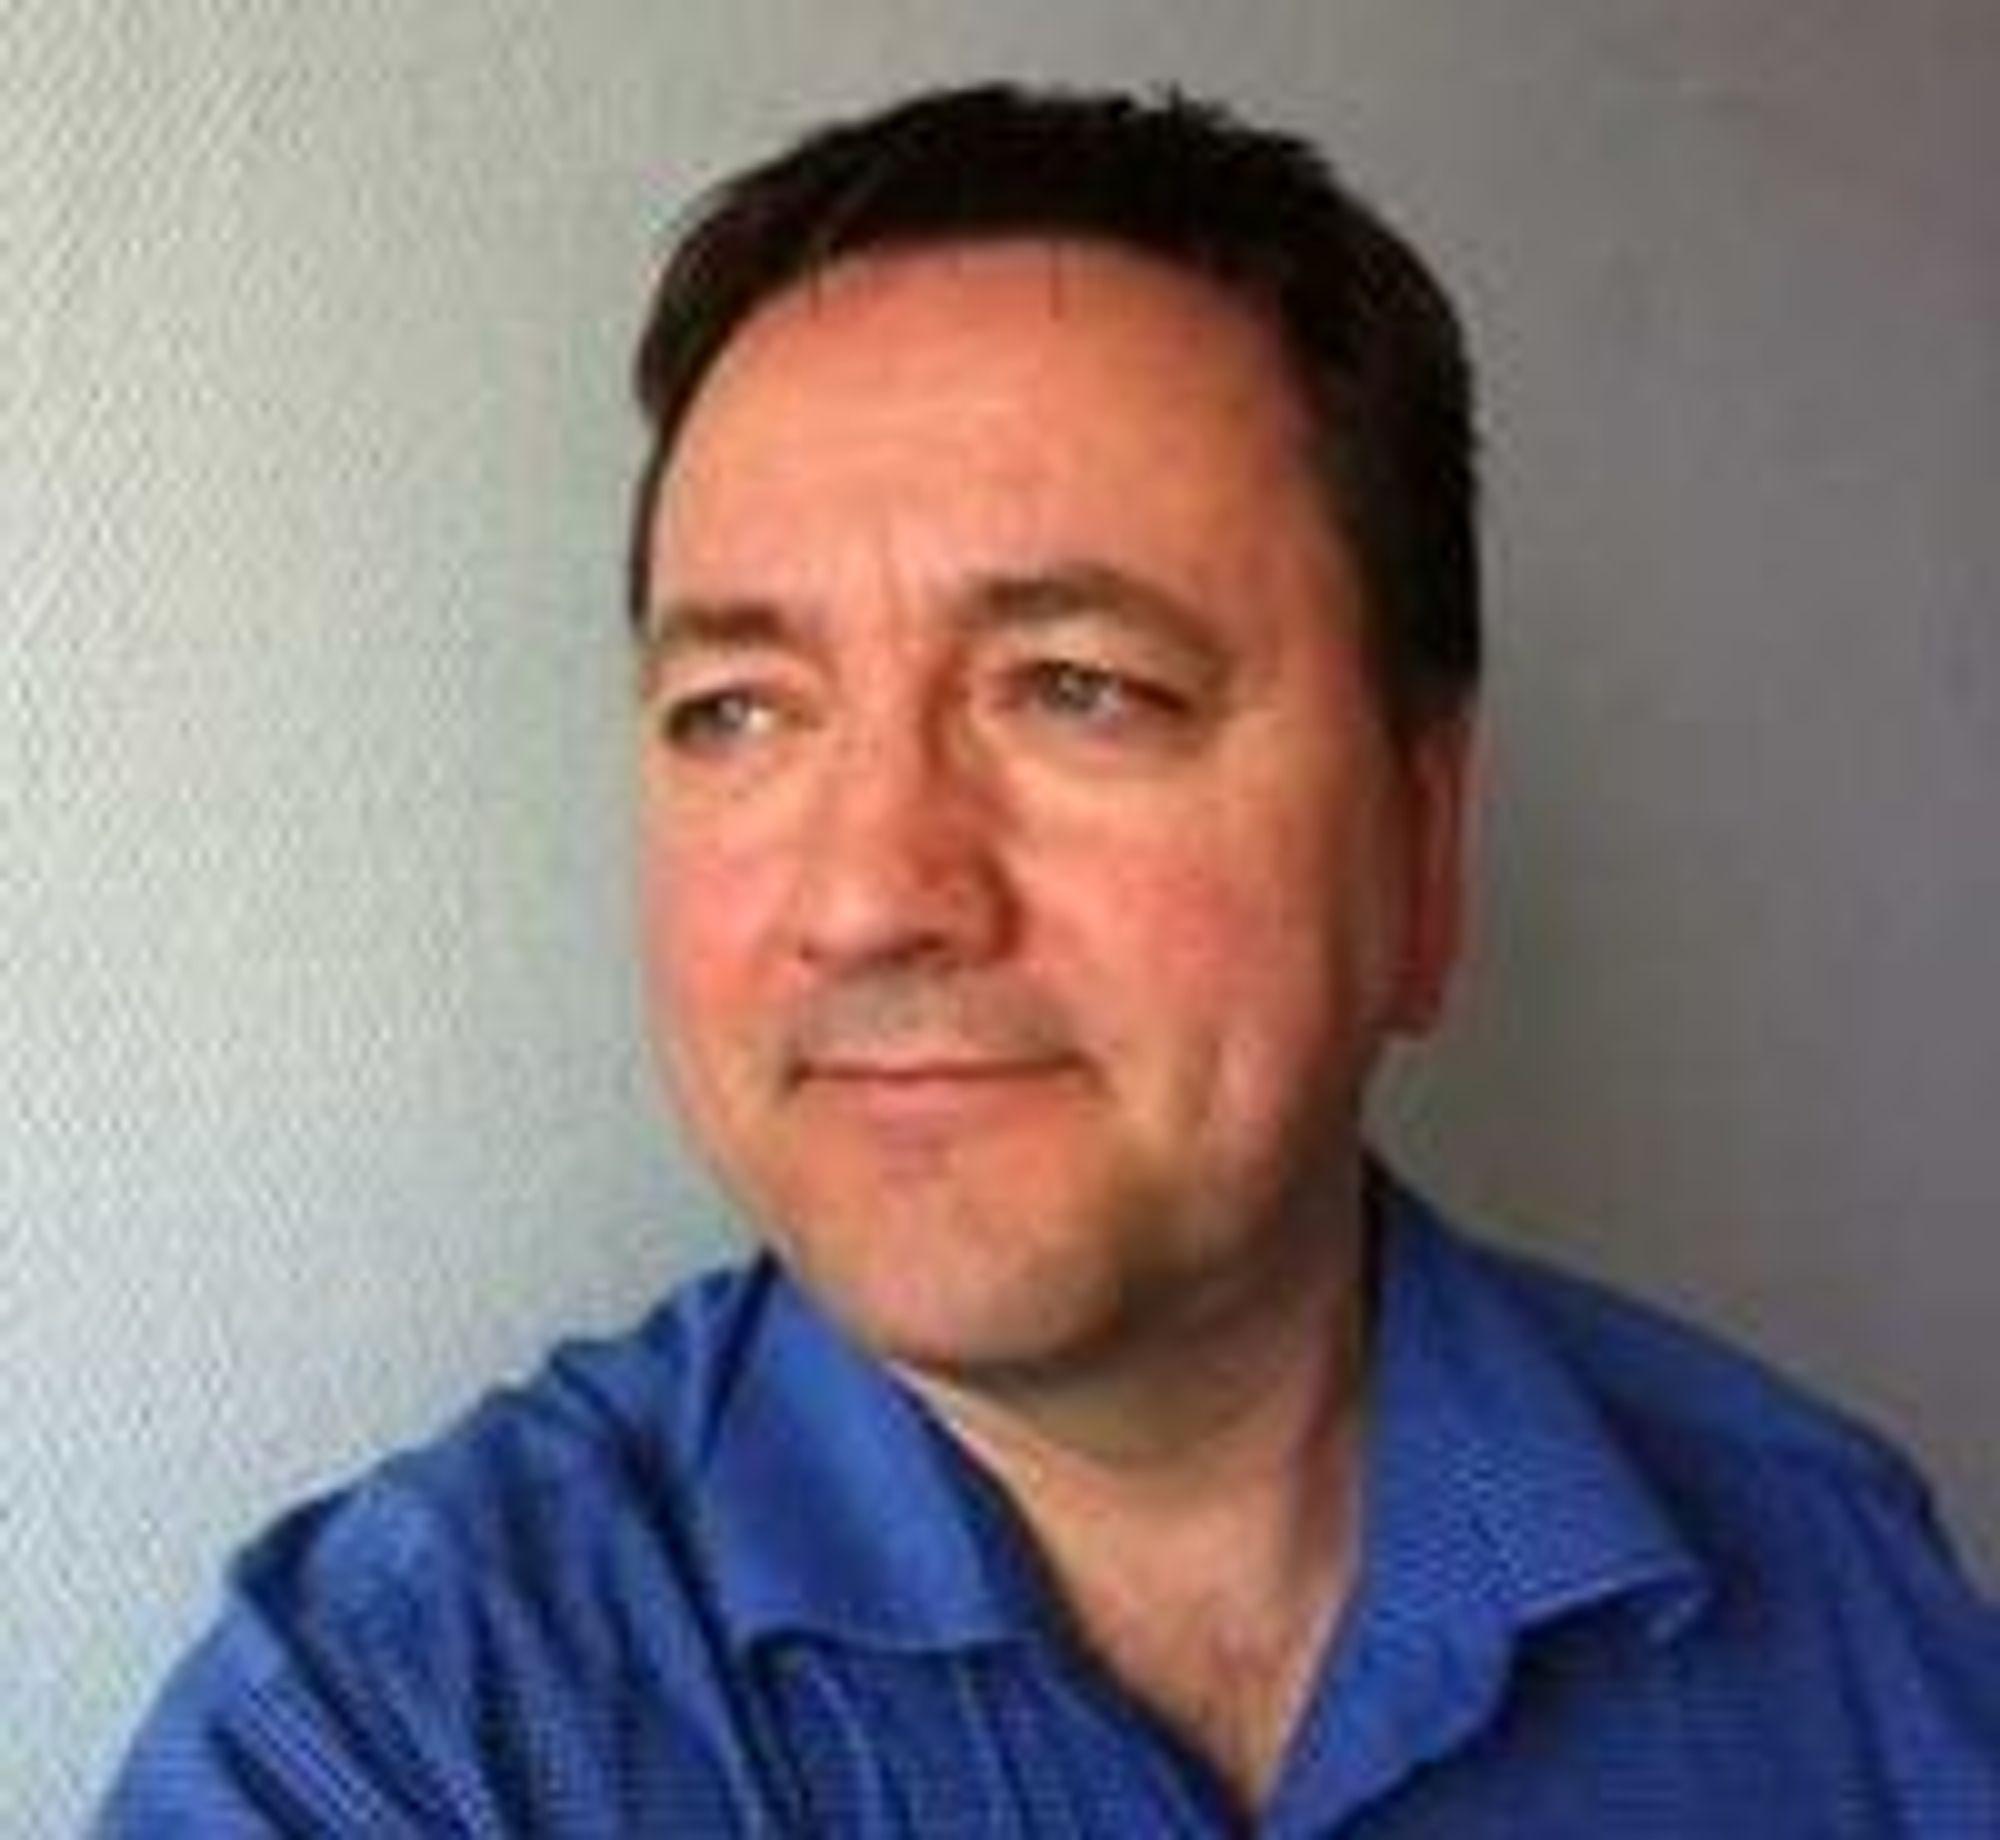 Enhetsleder for IT-drift og utvikling Per Jacobsen tar Narvik kommune ut i nettskyen.